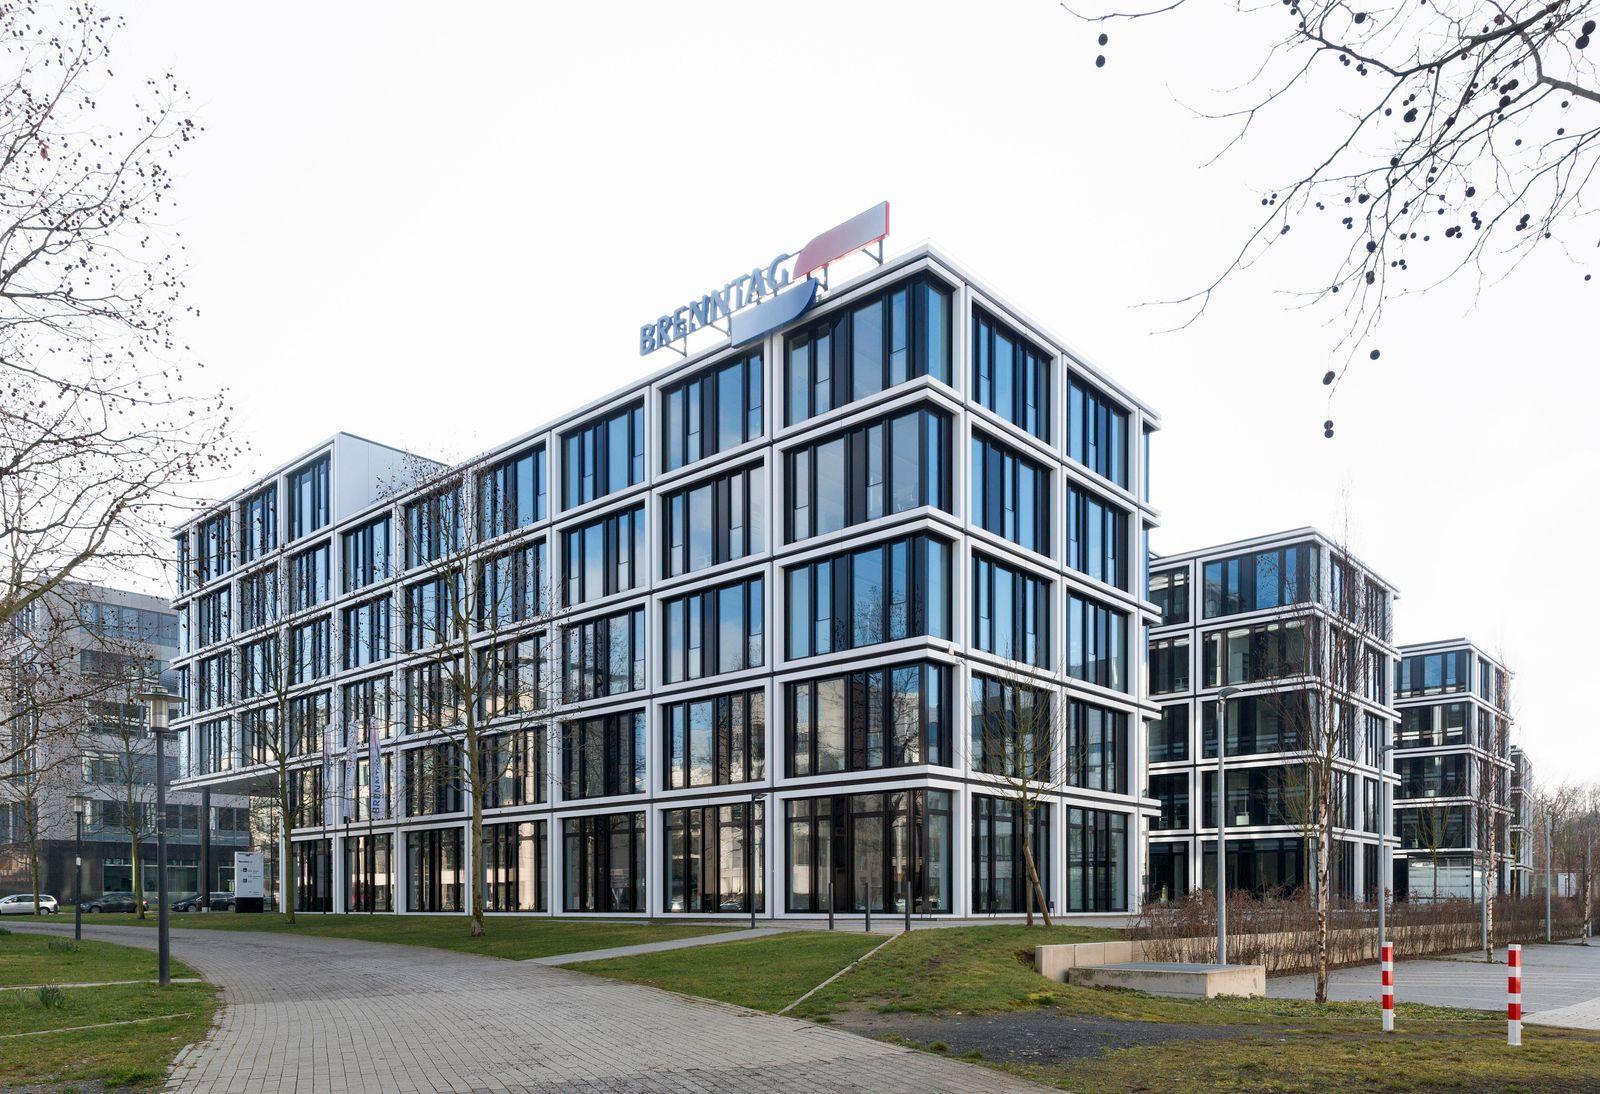 Bürogebäude House of Elements, Konzernzentrale Brenntag Holding GmbH, Essen, Ruhrgebiet, Nordrhein-Westfalen, Deutschlan